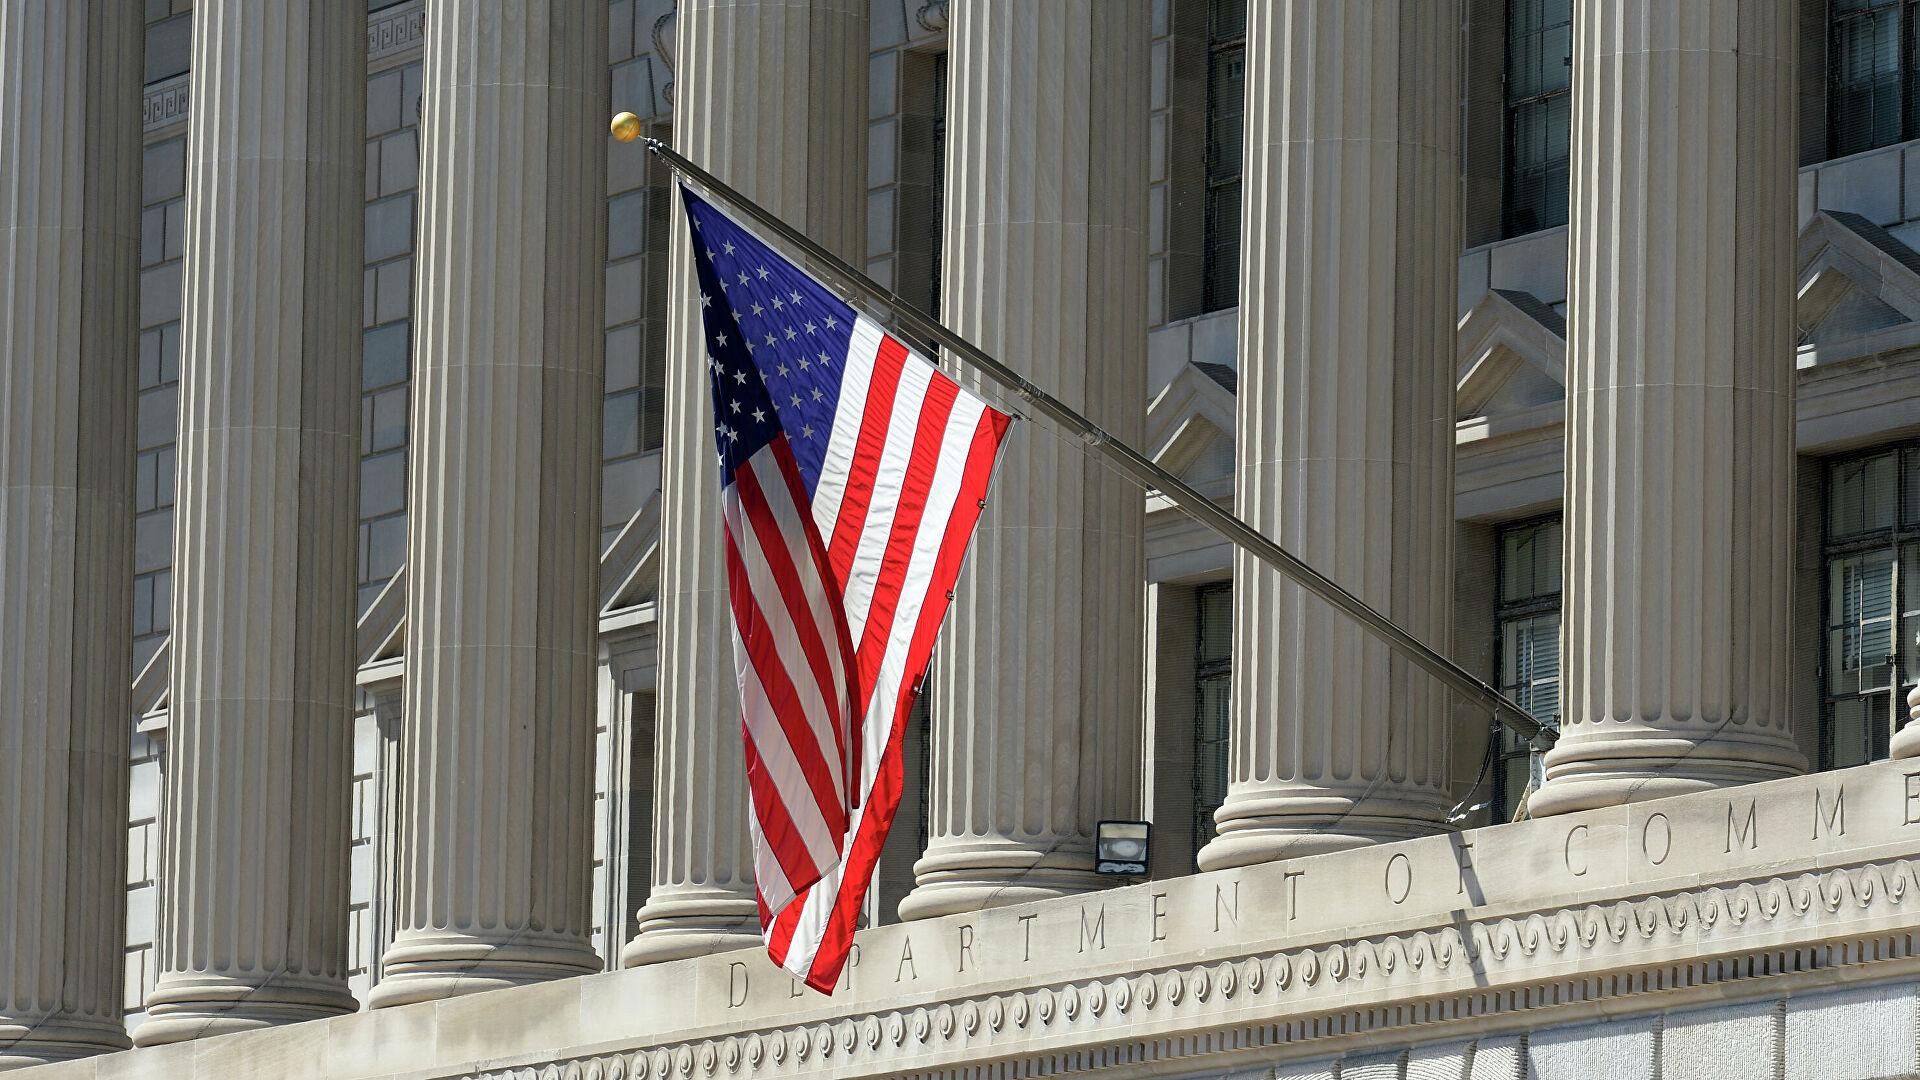 САД проширују трговинске санкције Русији због ситуације са Наваљним